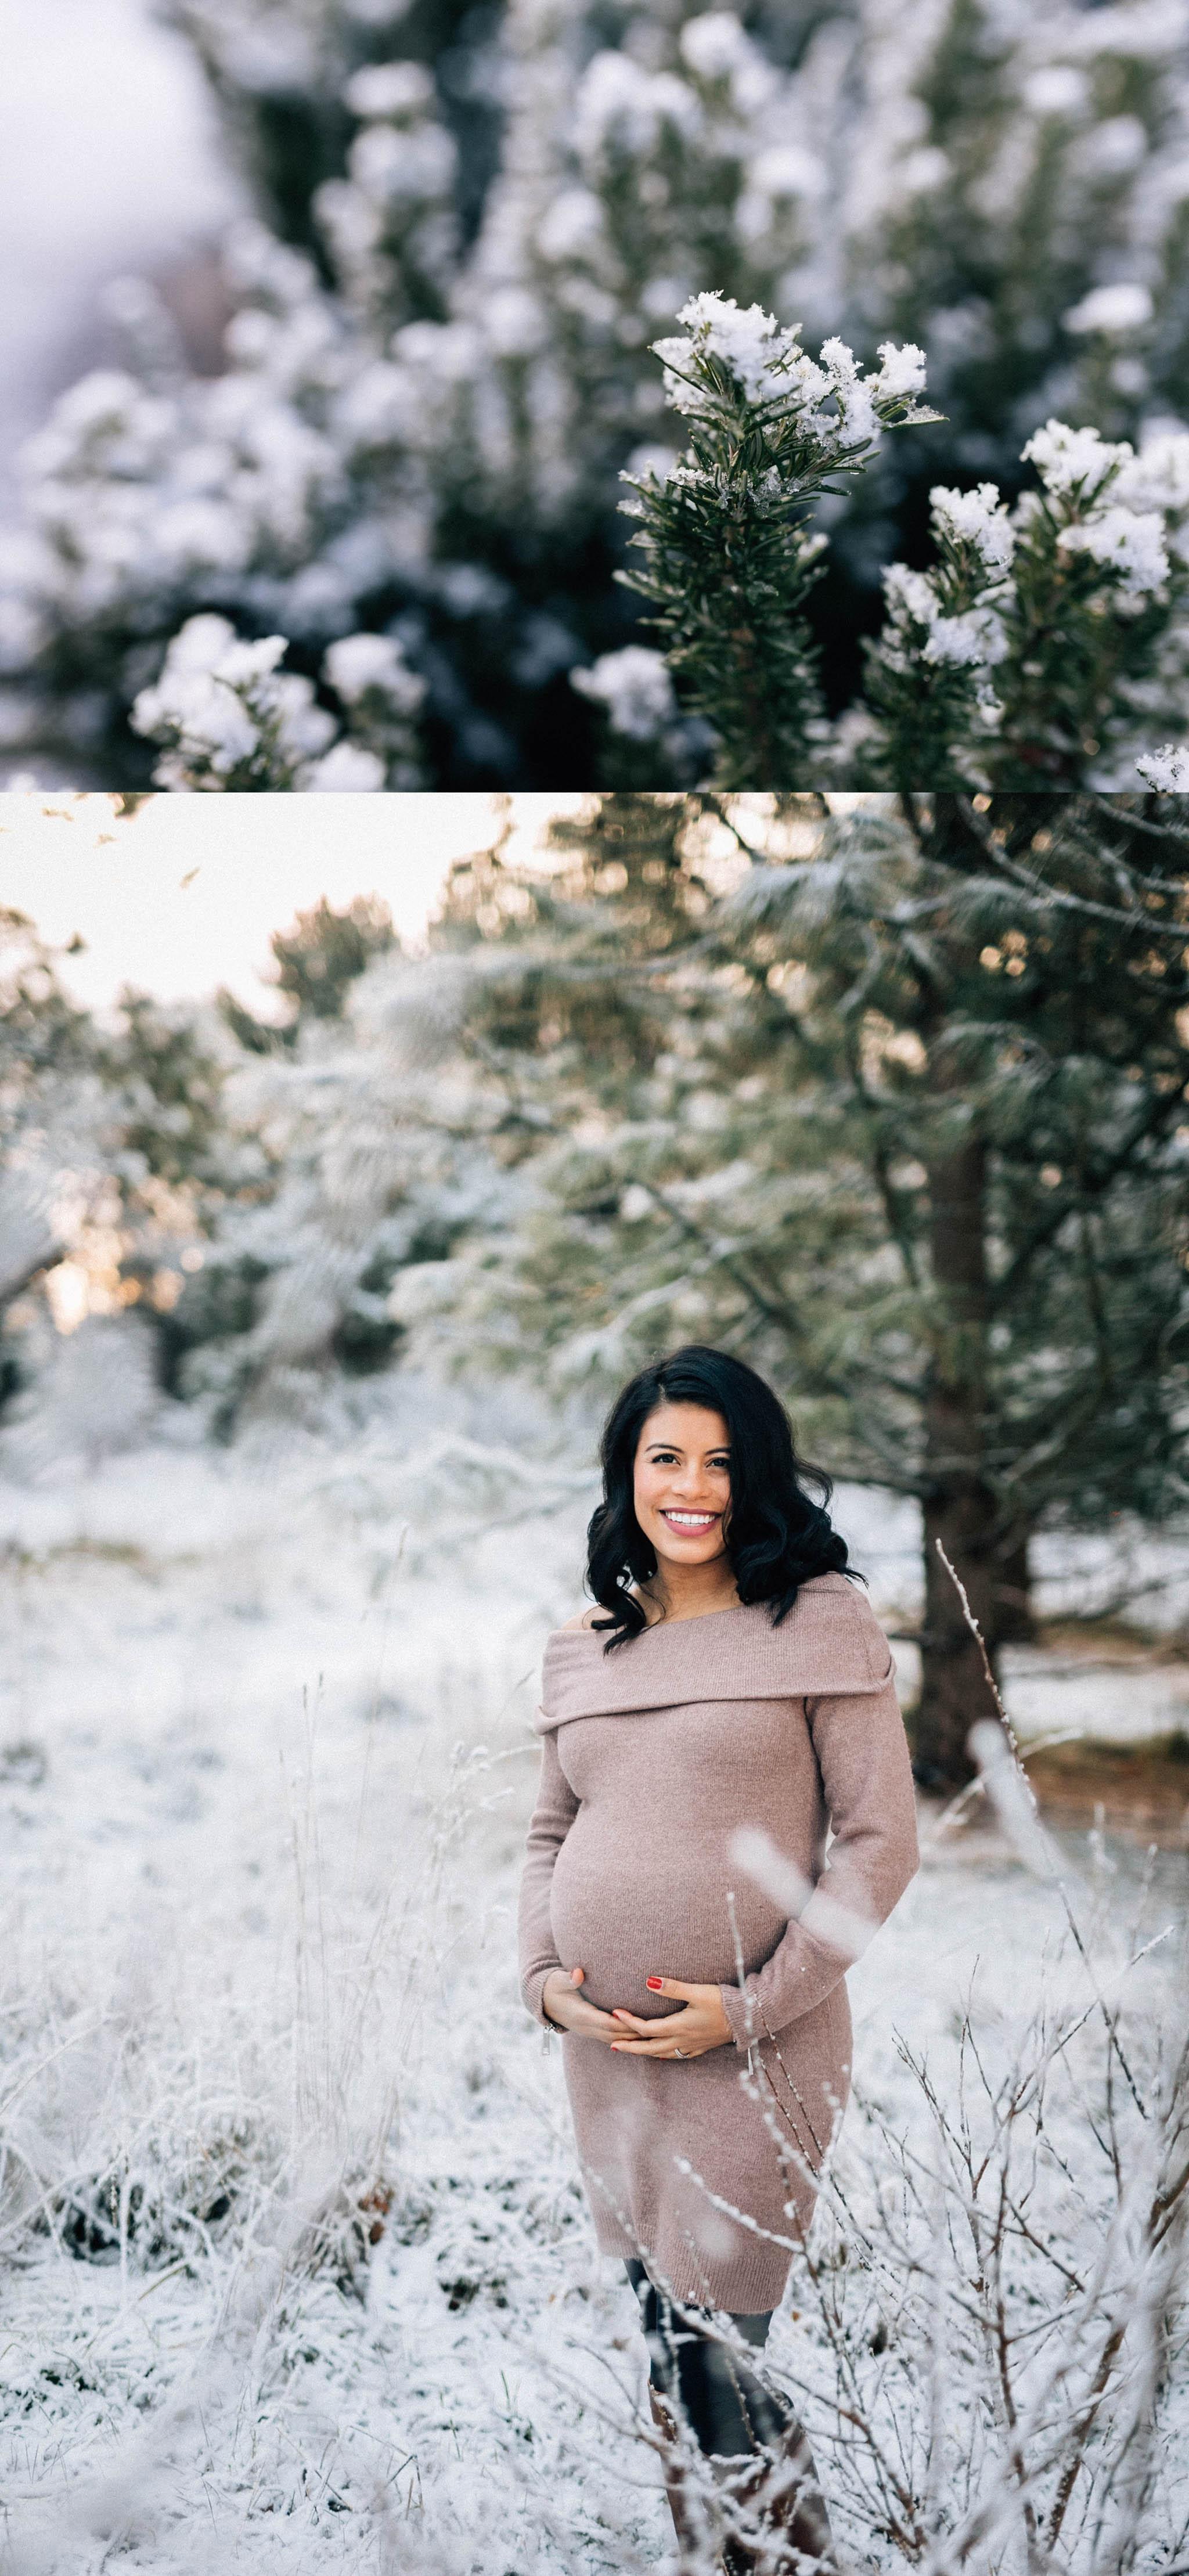 ashley vos seattle maternity wedding photographer lifestyle photography pnw-1.jpg